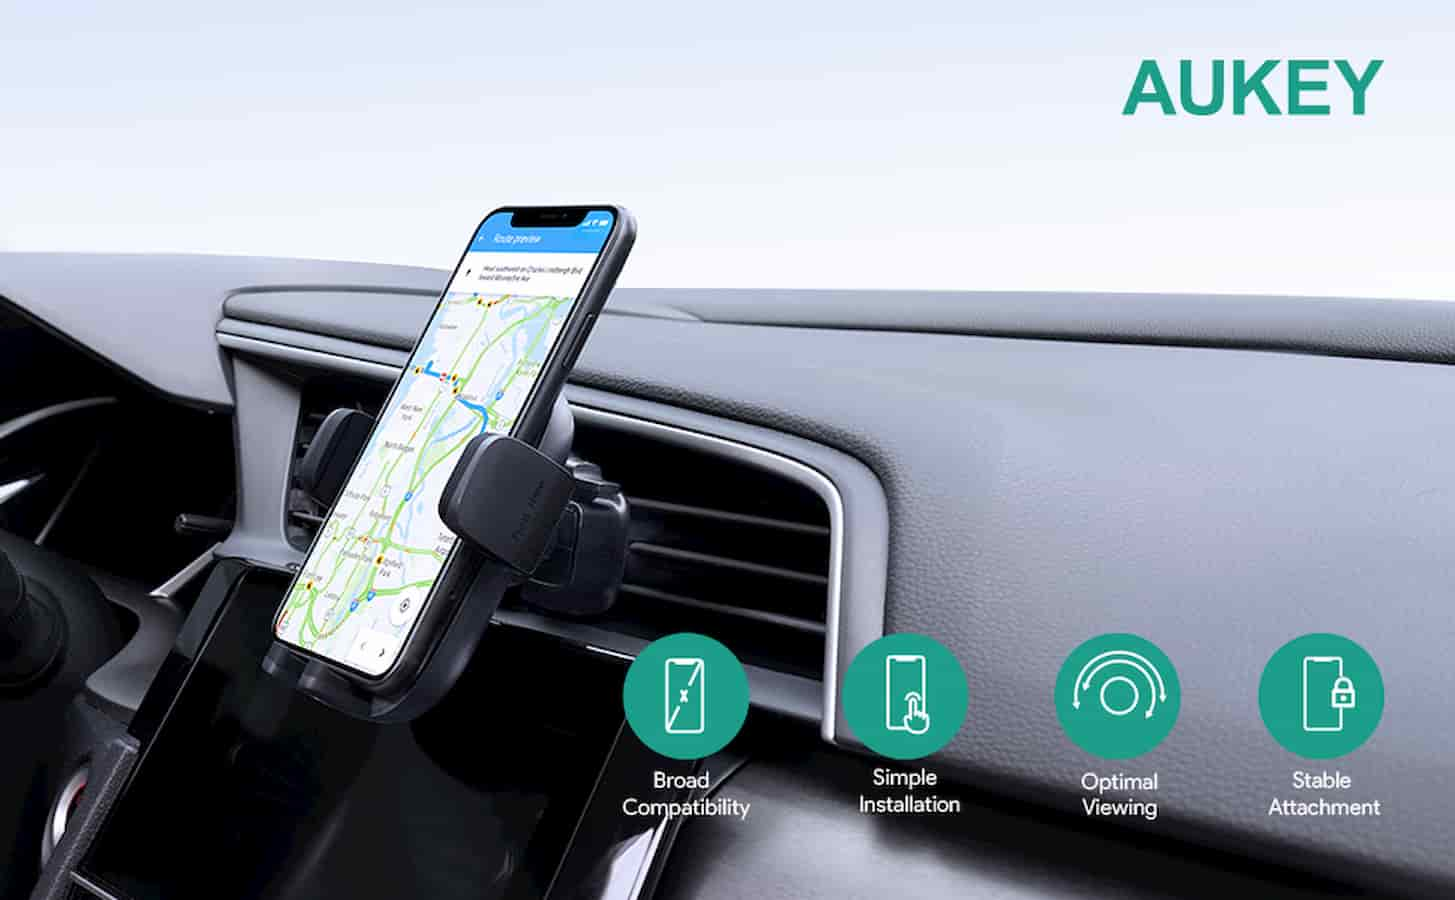 aukey phone mount